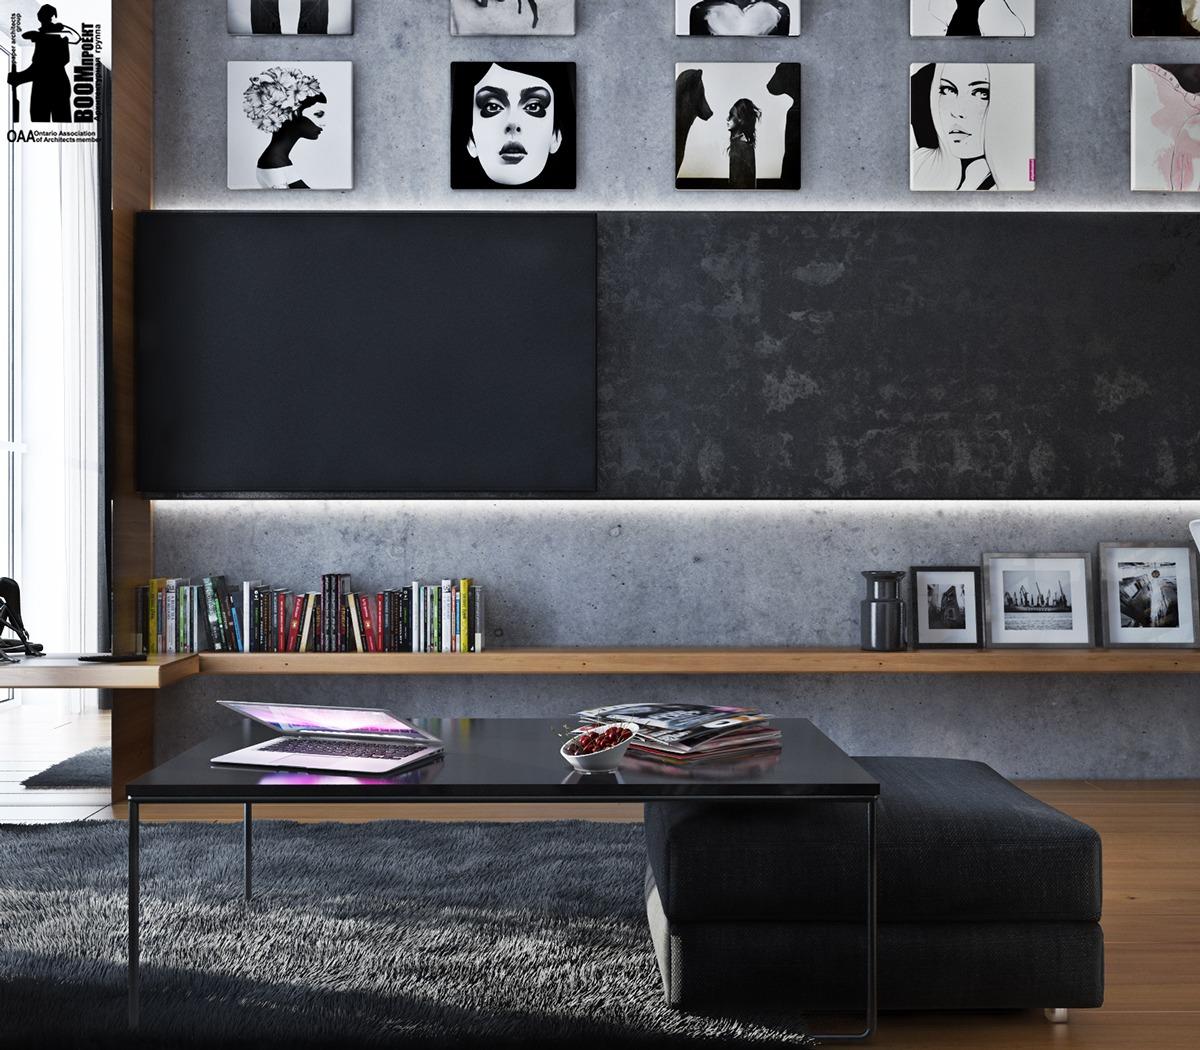 Художественные апартаменты с монохромной цветовой гаммой: фотообзор